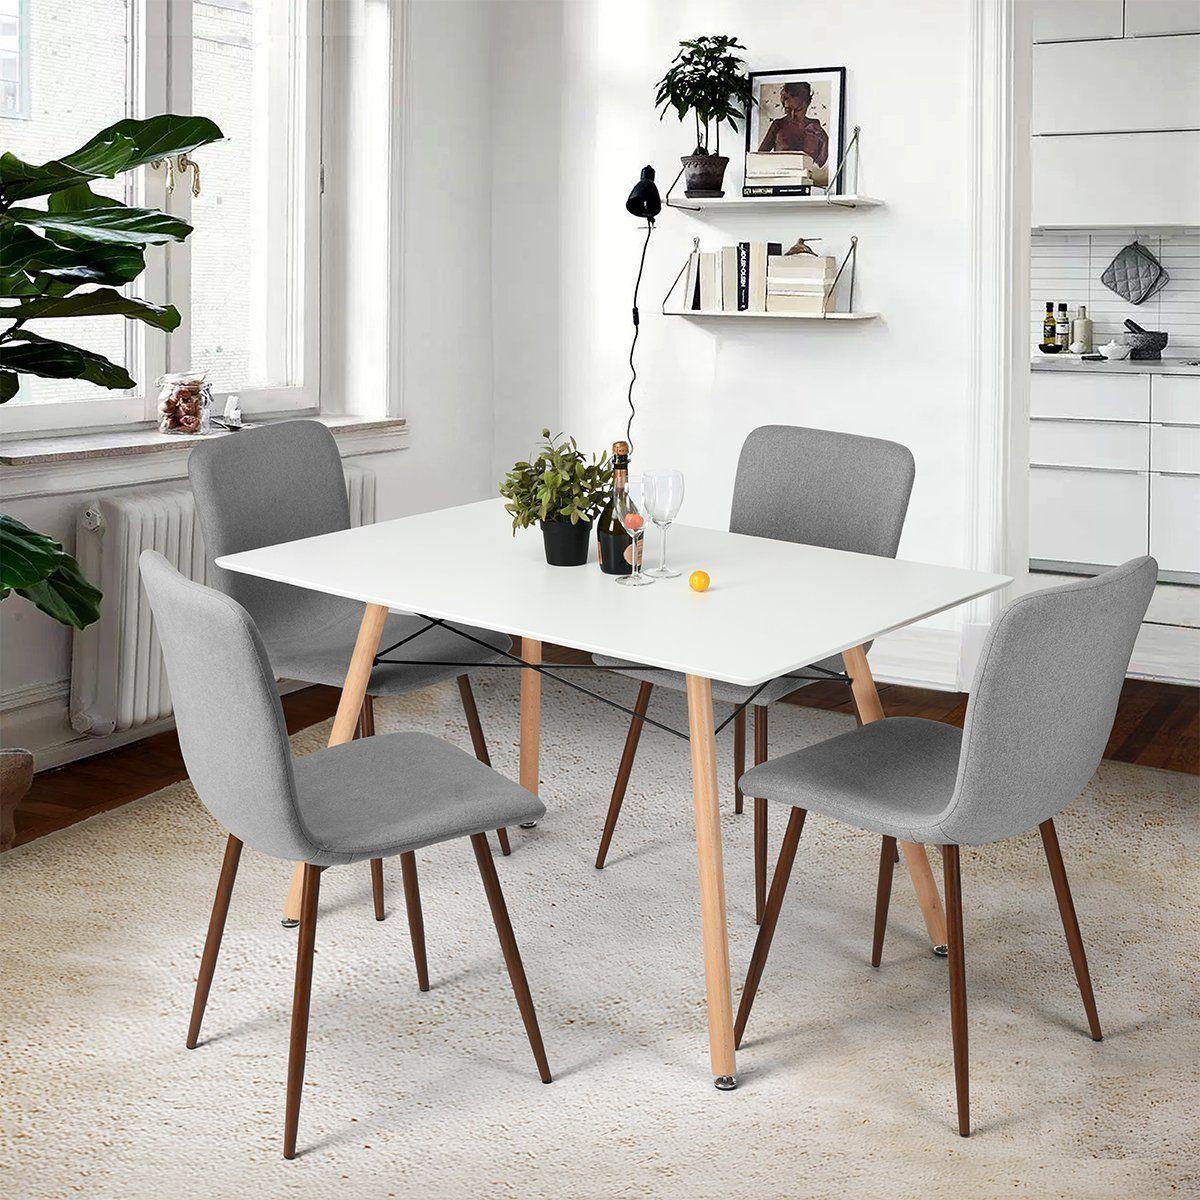 Esstisch Stühle 4 Set